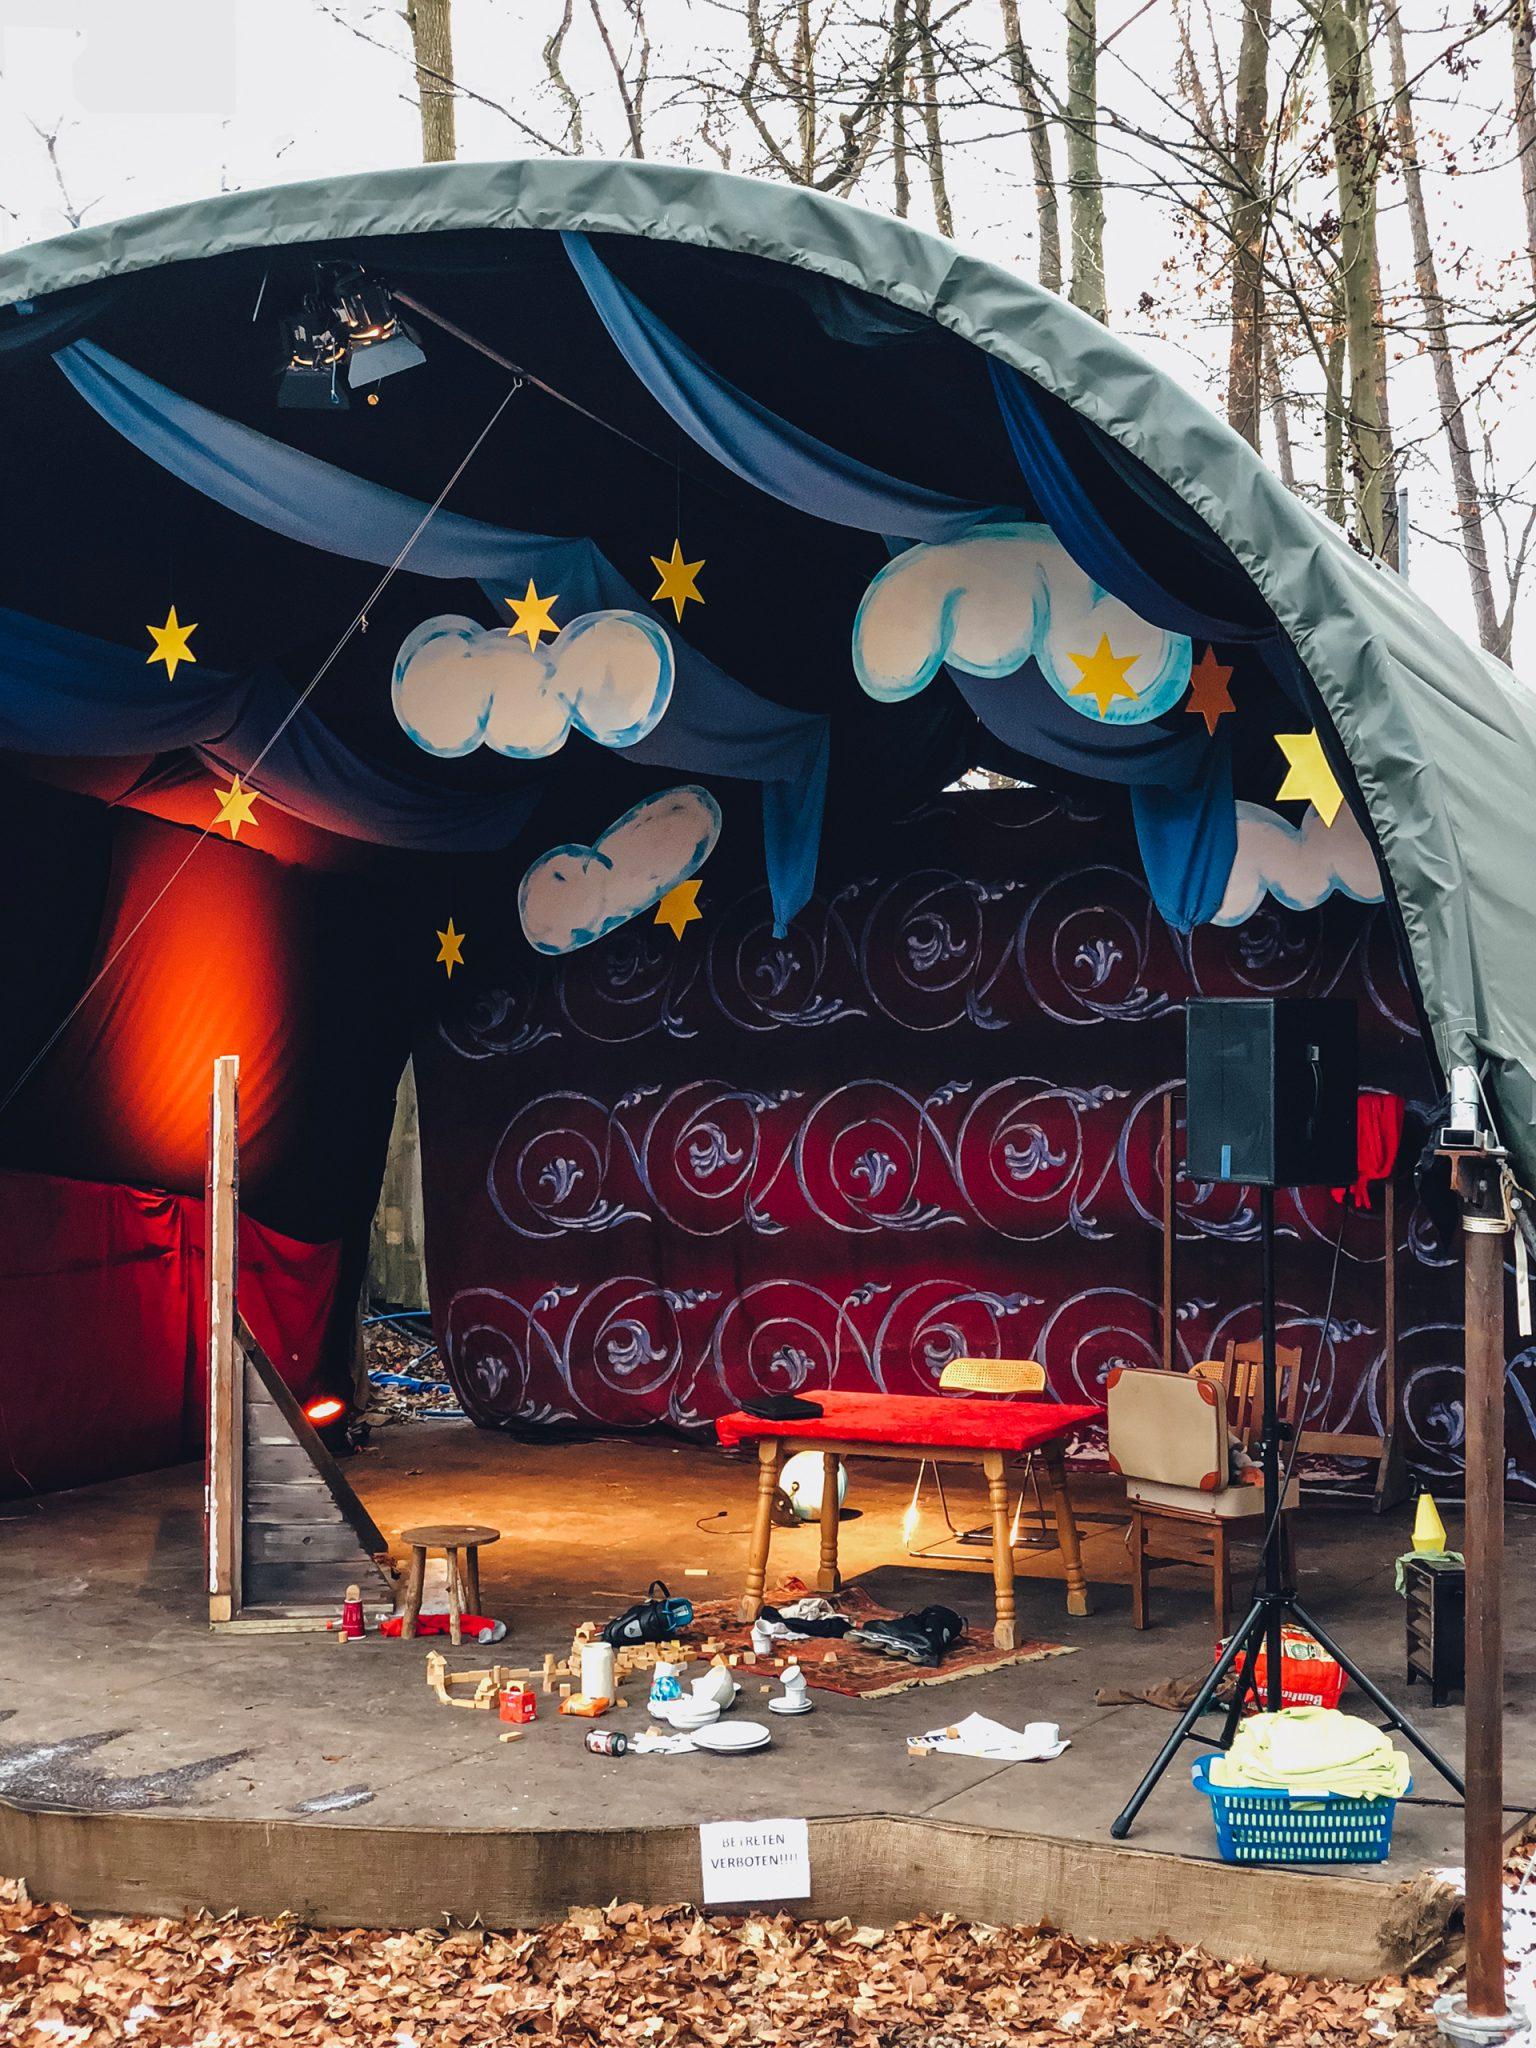 Kaltenberger Ritterturnier Märchenweihnachtsmarkt Schloss Kaltenberg Ausflugstipps für Familien - München mit Kind - Mama Blog 4